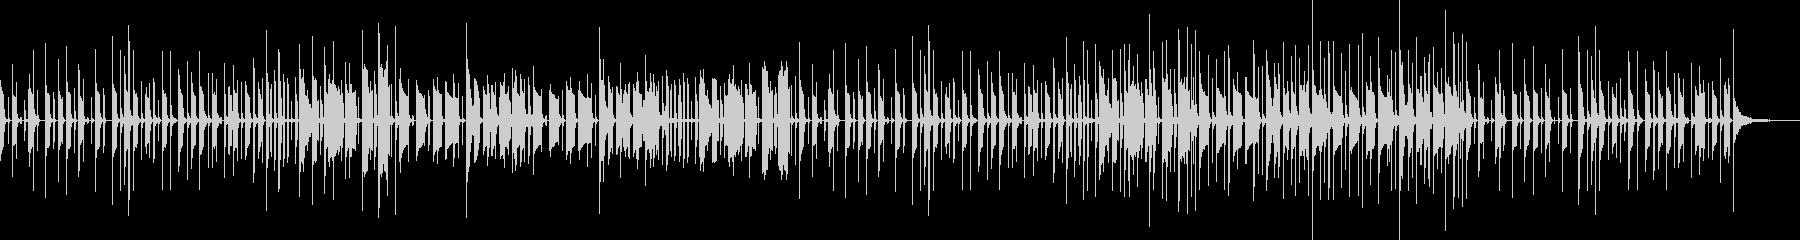 コミカルなリズムで響きのあるメロディーの未再生の波形